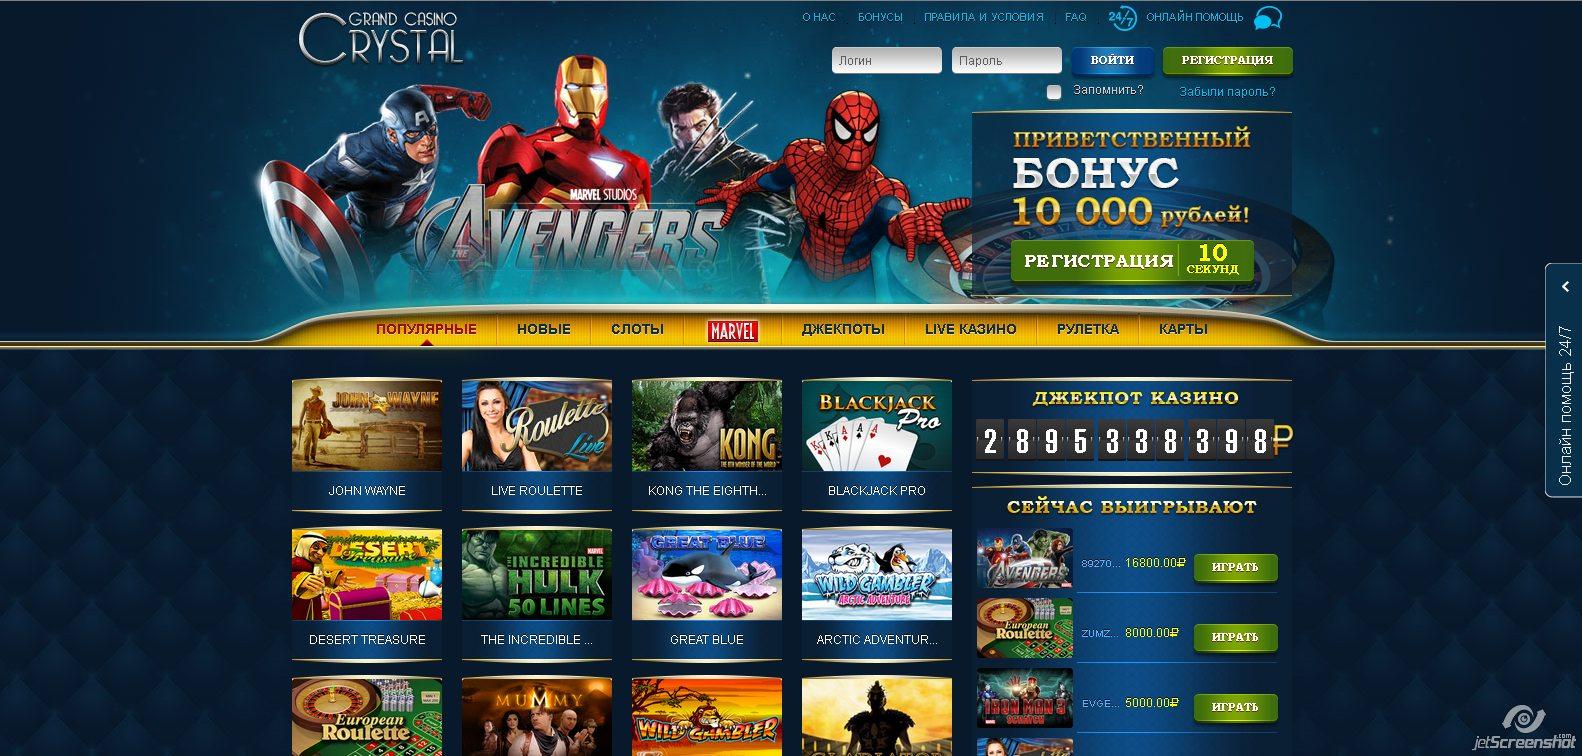 Можно ли обыграть интернет-казино